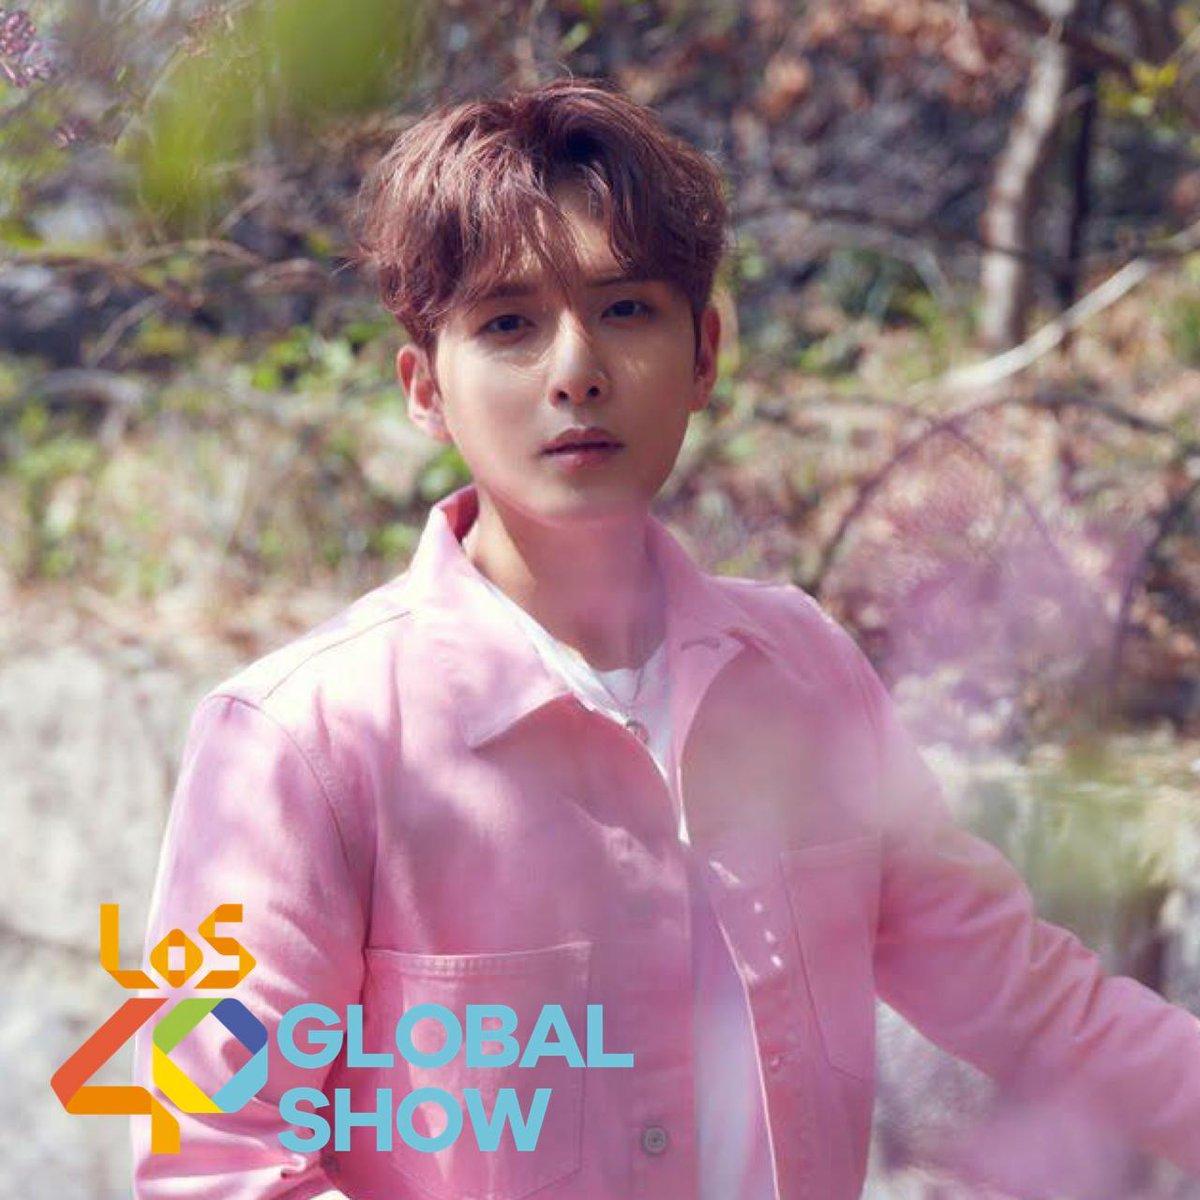 """¡KPOP!   Hoy @TonyAguilarOfi pincha  """"CALENDAR"""" el single de #Ryeowook de @SJofficial somos el el programa que lleva 5 años poniendo #kpop cada domingo. https://t.co/ySxMSzj3r7"""